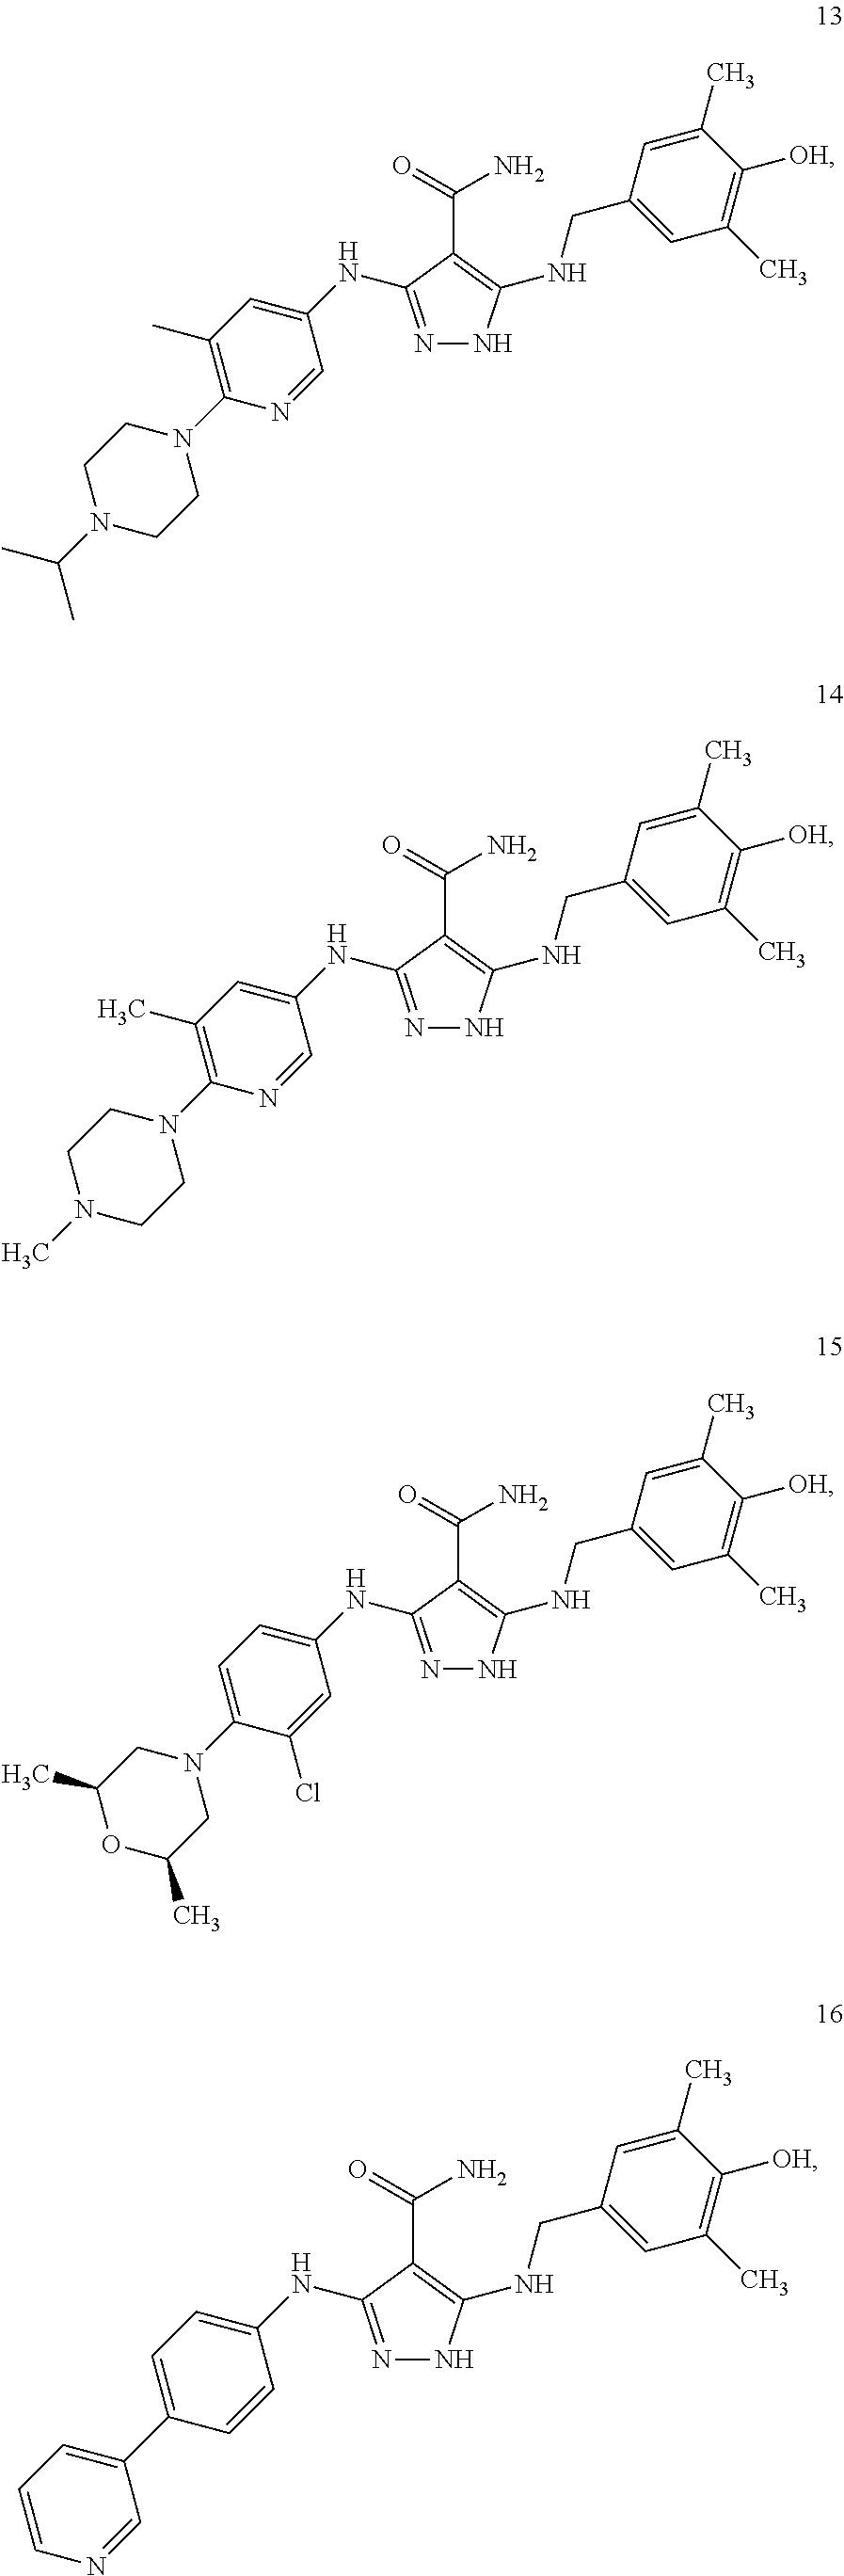 Figure US09730914-20170815-C00017